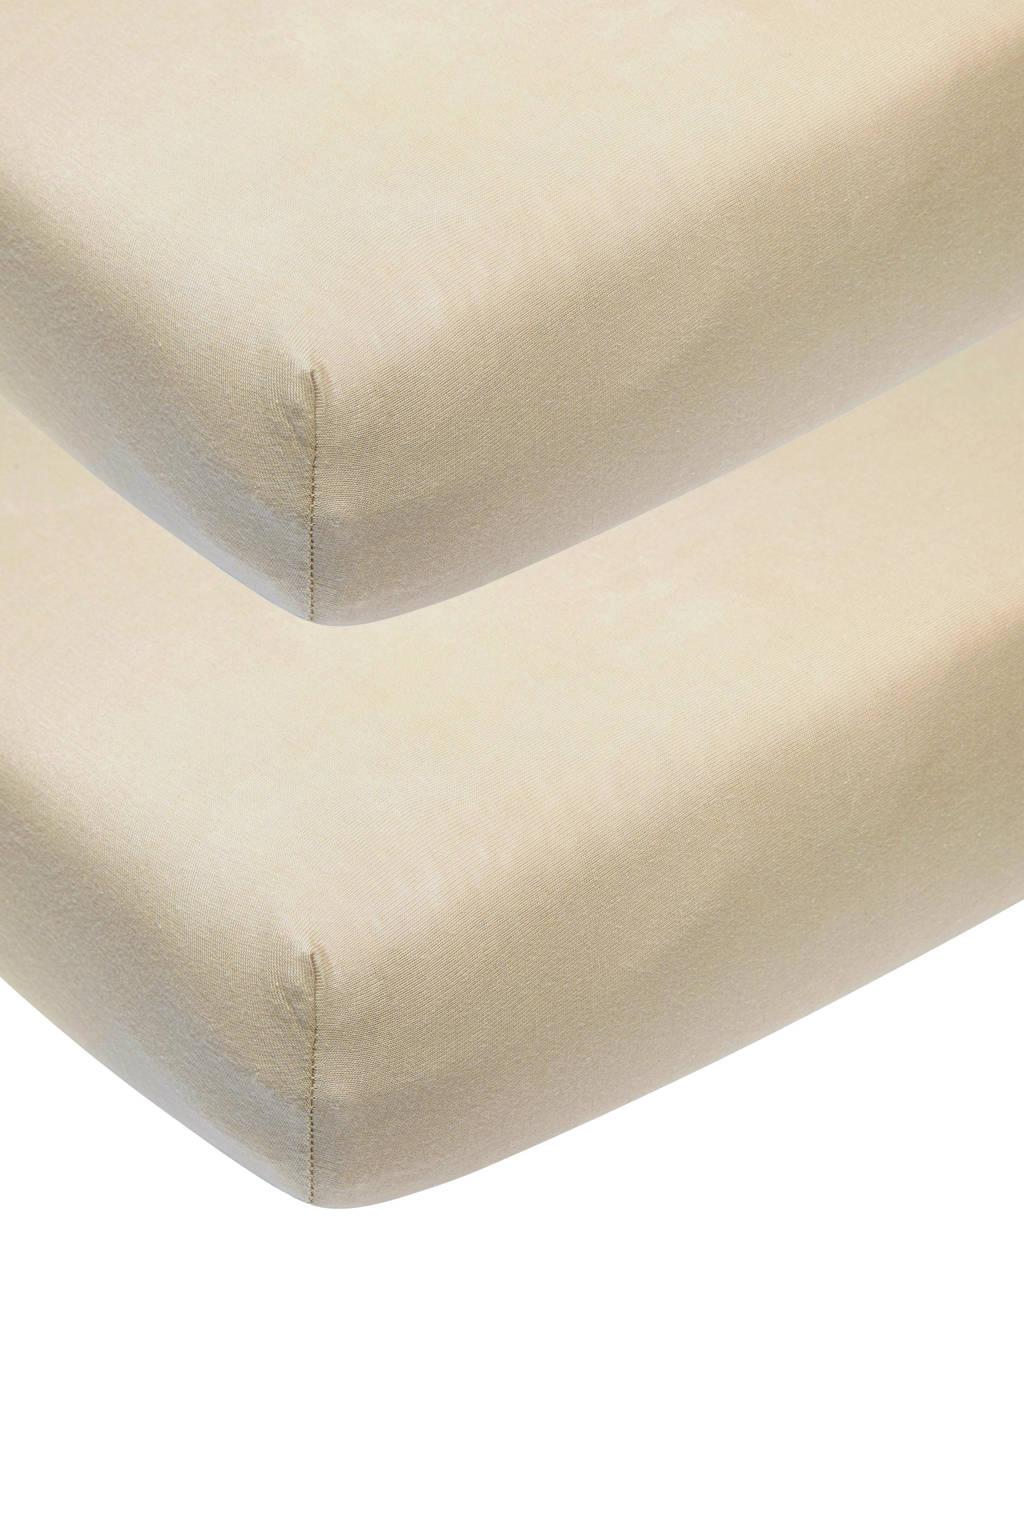 Meyco katoenen jersey hoeslaken peuterbed 70x140/150 cm (set van 2) Zand